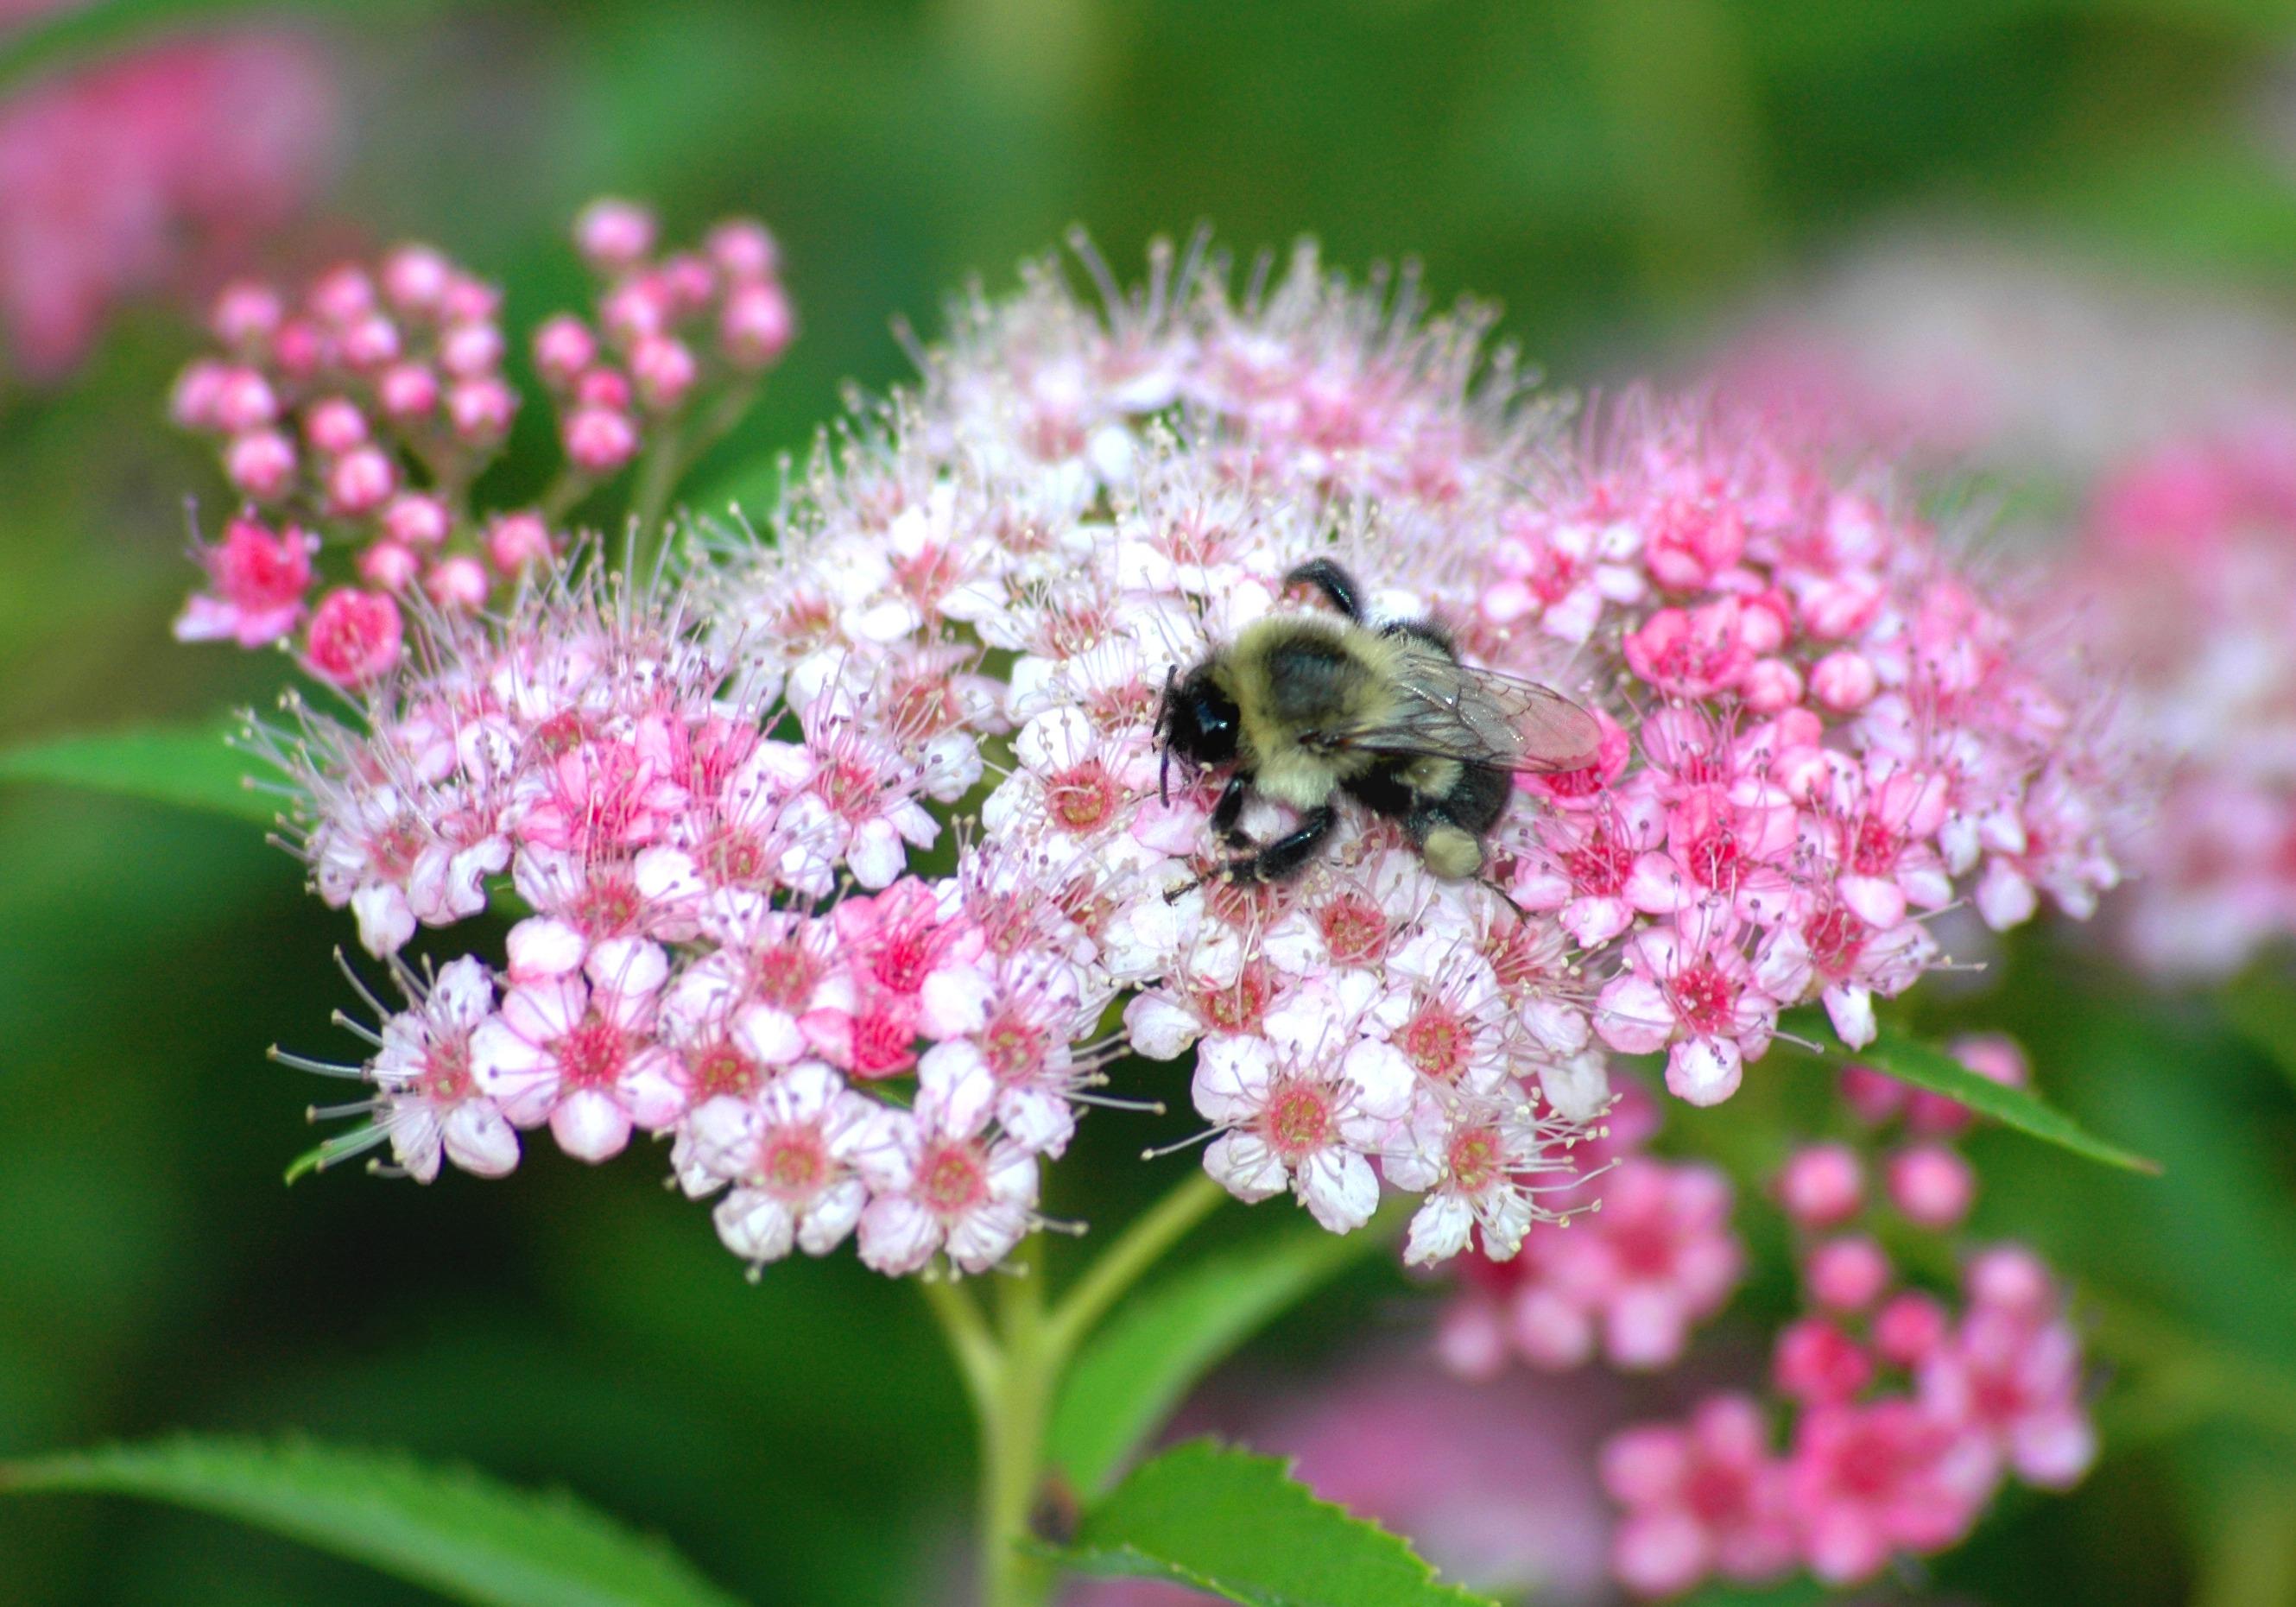 banco de imagens ramo flor plantar flor plen primavera erva inseto macro flora flores silvestres canteiro de flores asas